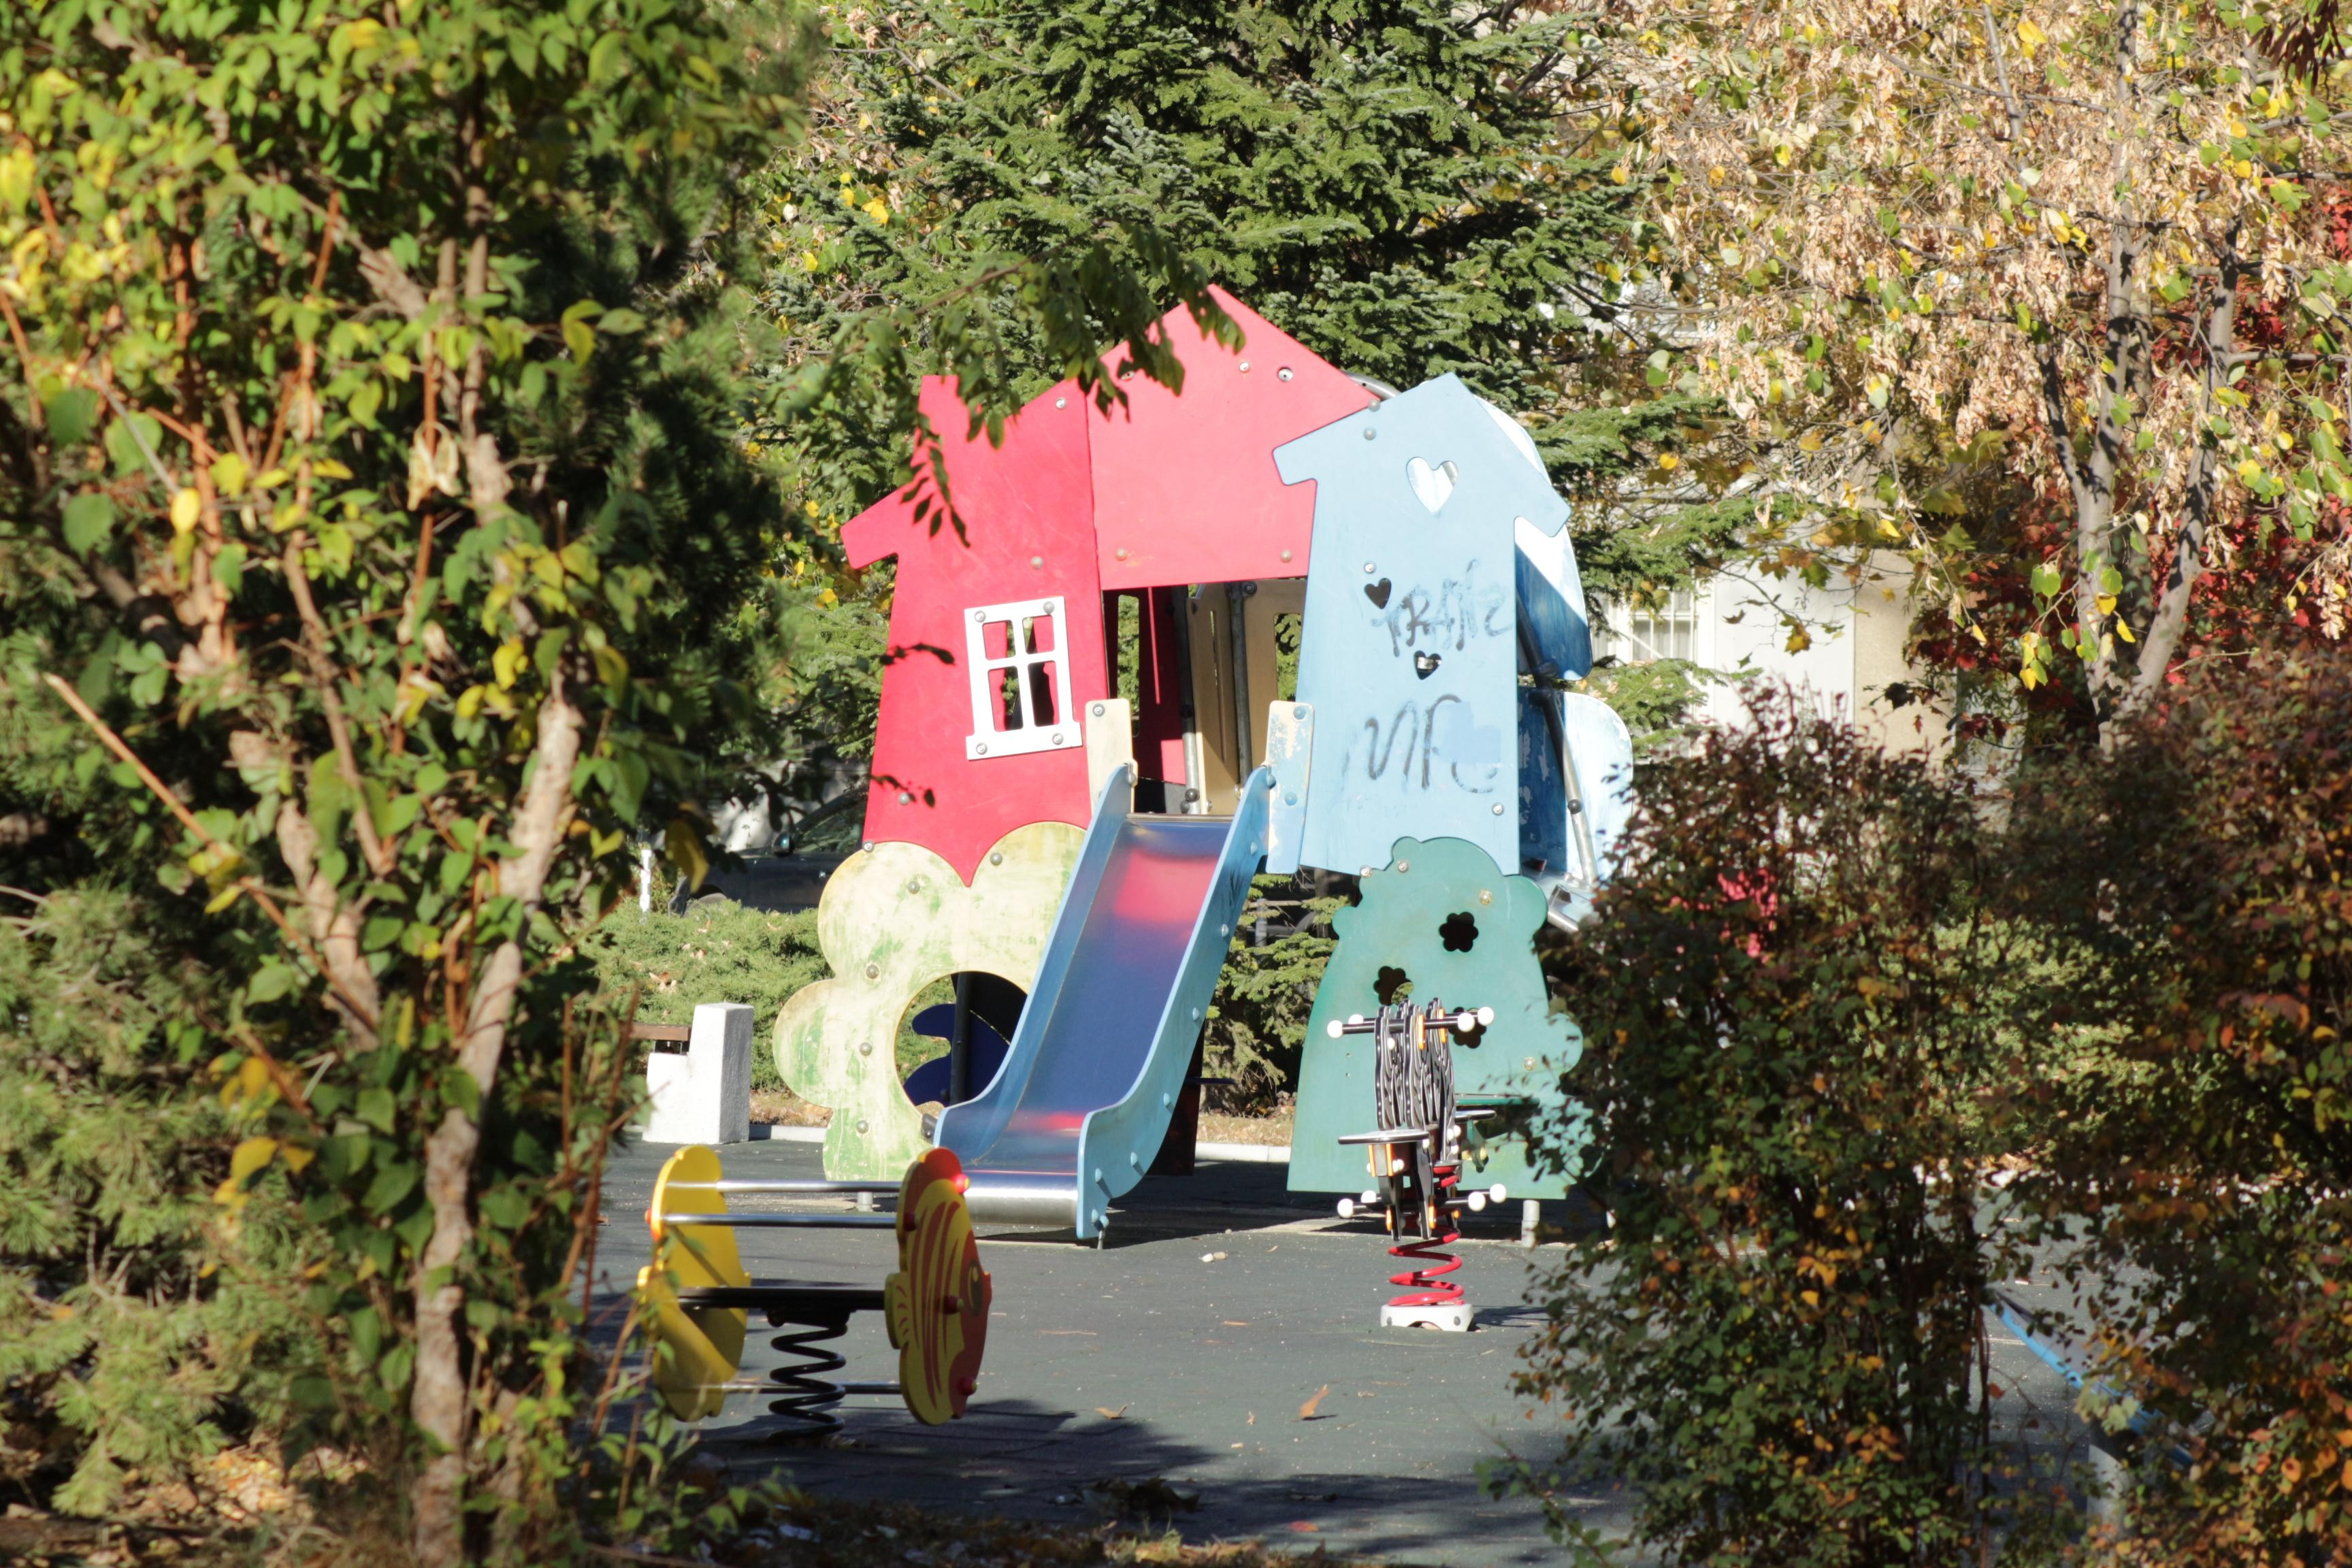 В София и страната: Няма достатъчно места за игри на децата над 3 години